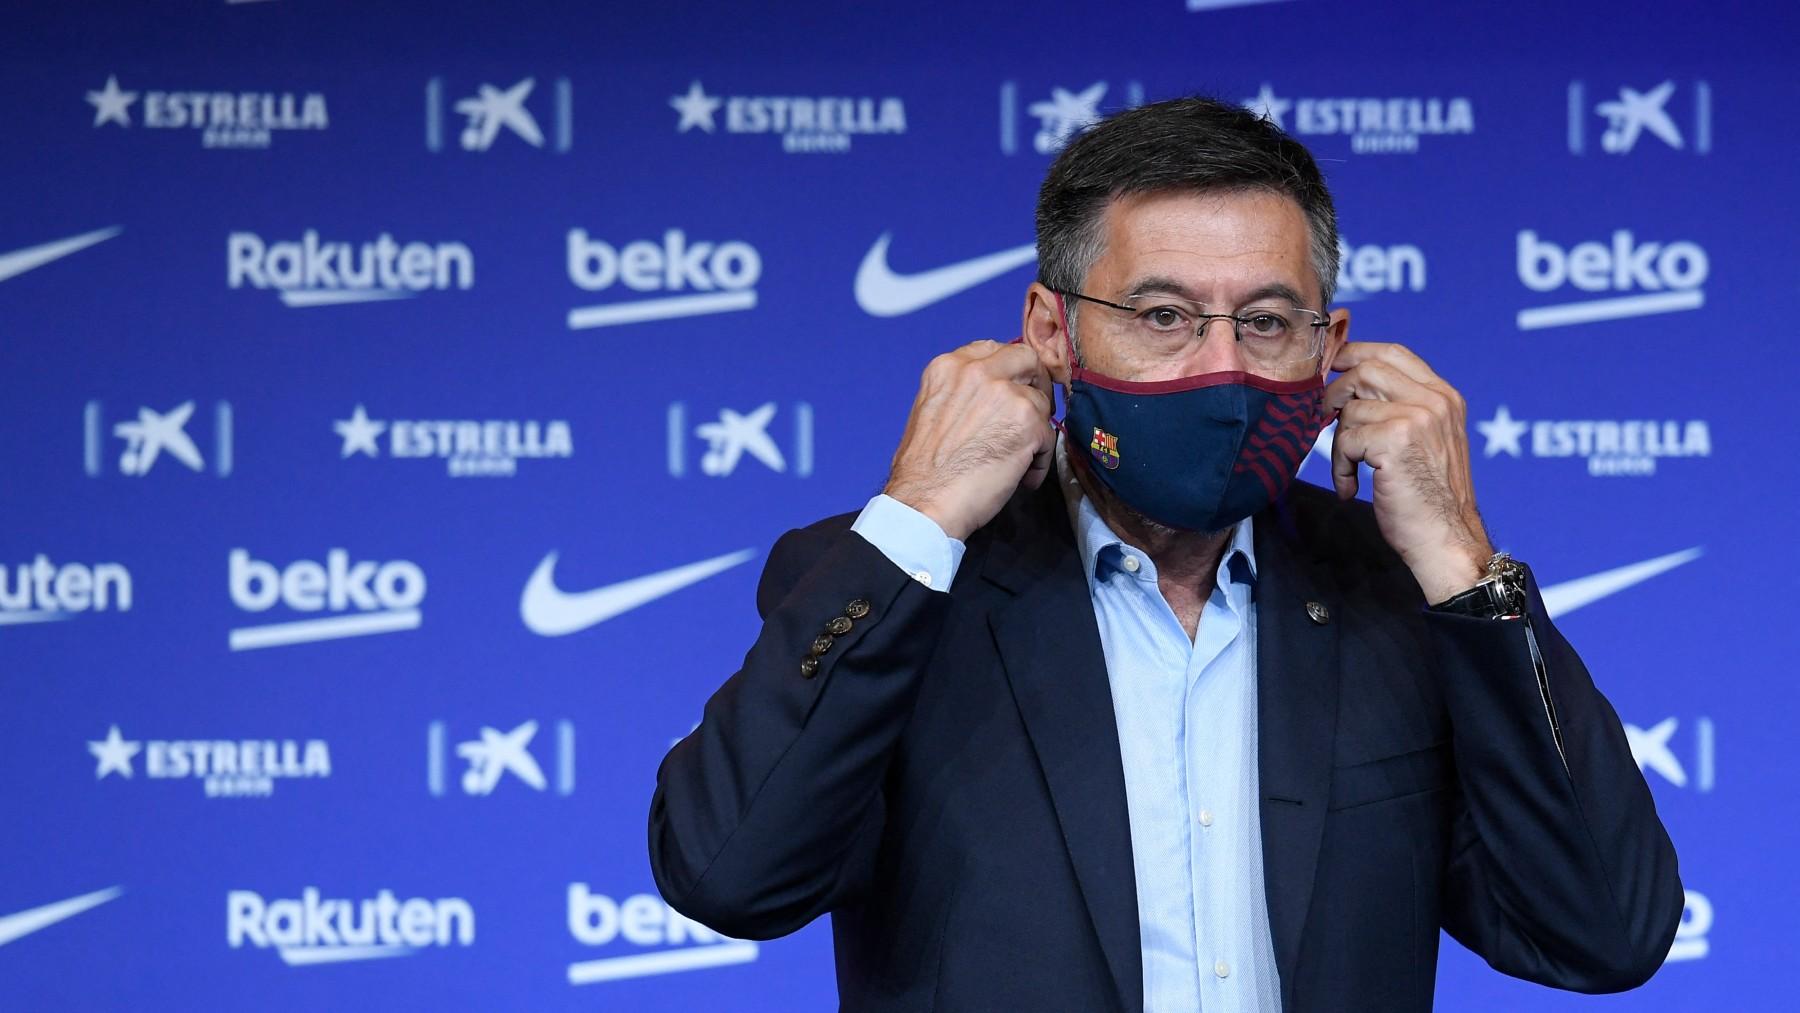 Josep María Bartomeu, en su etapa como presidente. (AFP)